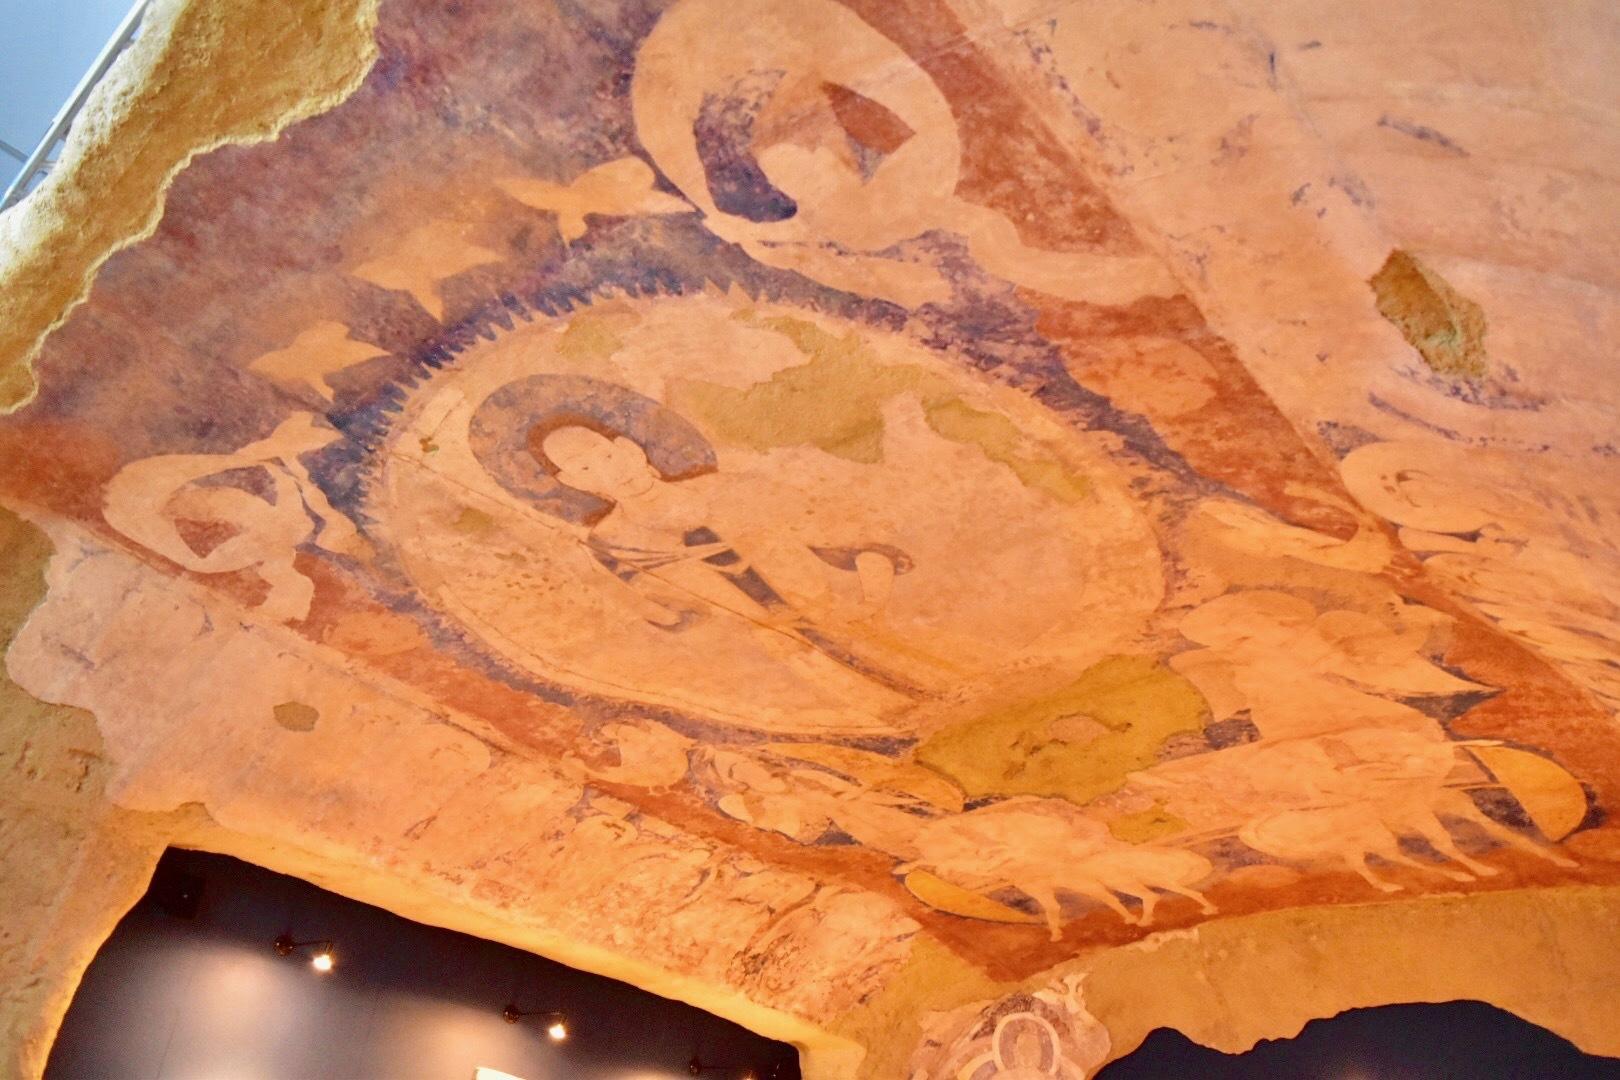 クローン文化財 バーミヤン東大仏天井壁画《天翔る太陽神》 6世紀